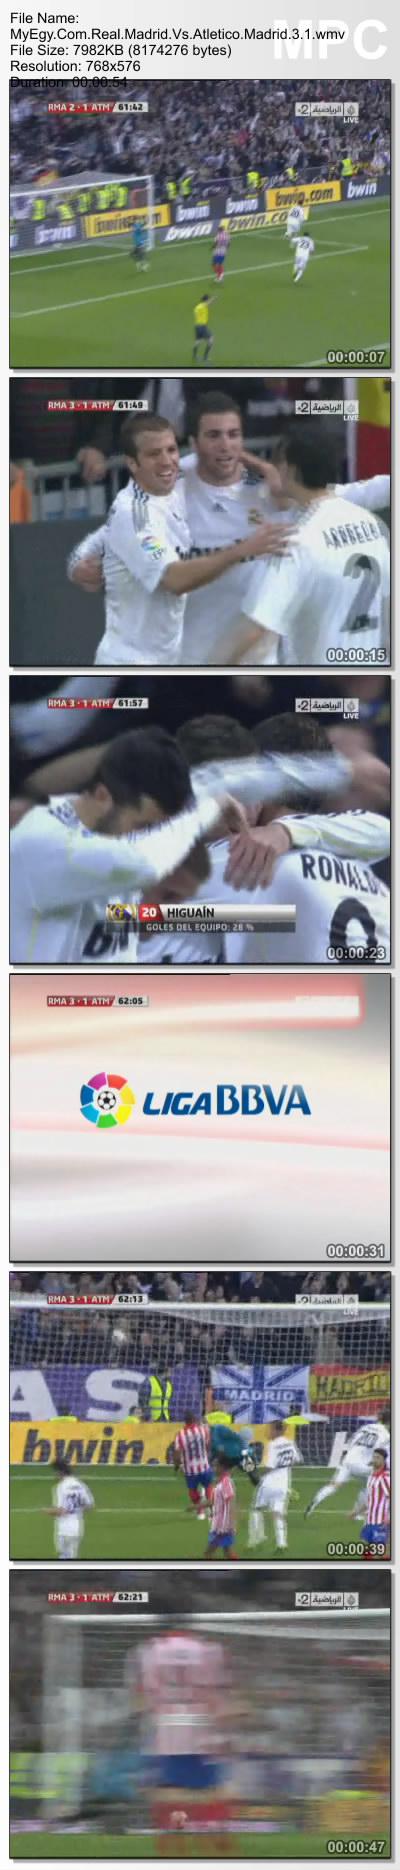 اهداف مباراة ريال مدريد و اتليتكو مدريد Q8lots14